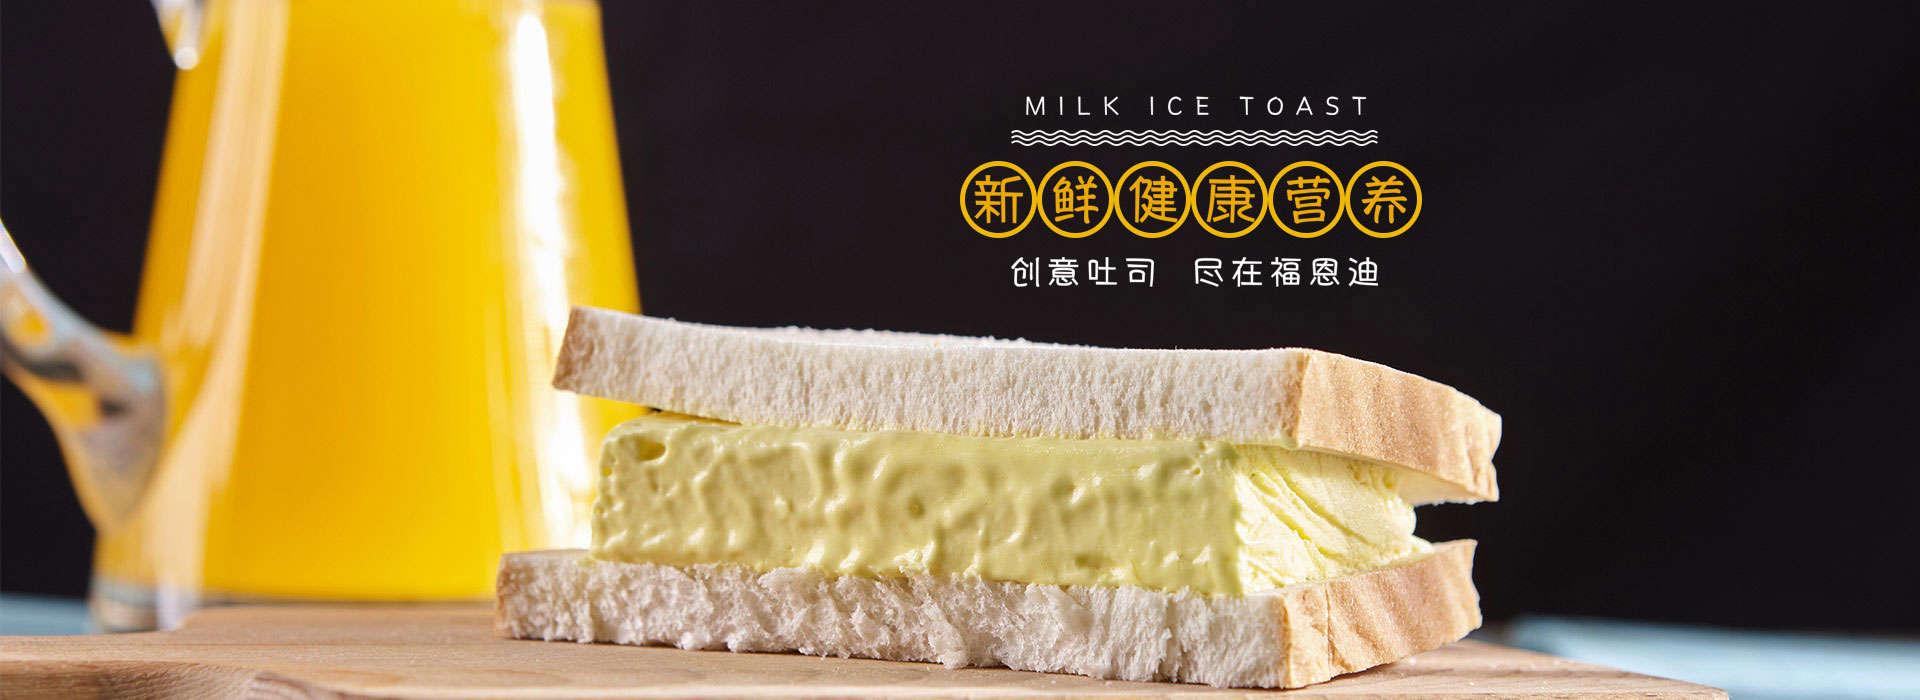 福恩迪创意吐司_昌启蛋糕面包加盟